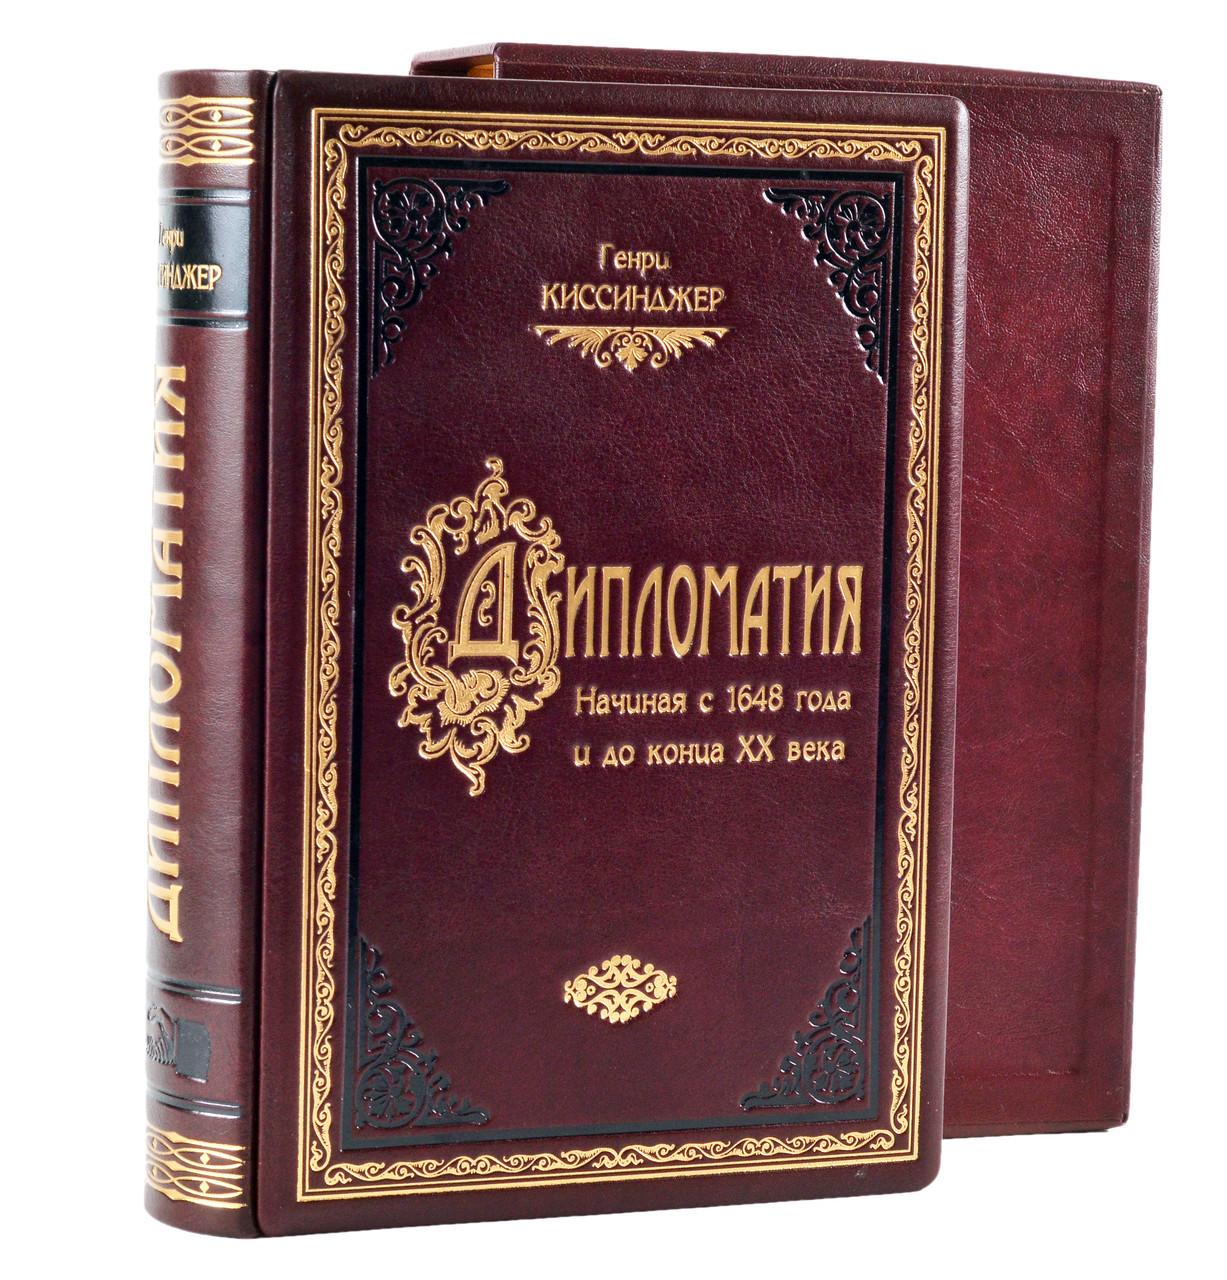 """Книга """"Дипломатія"""" Генрі Кіссінджер подарункове видання в шкіряній палітурці і шкіряному футлярі"""